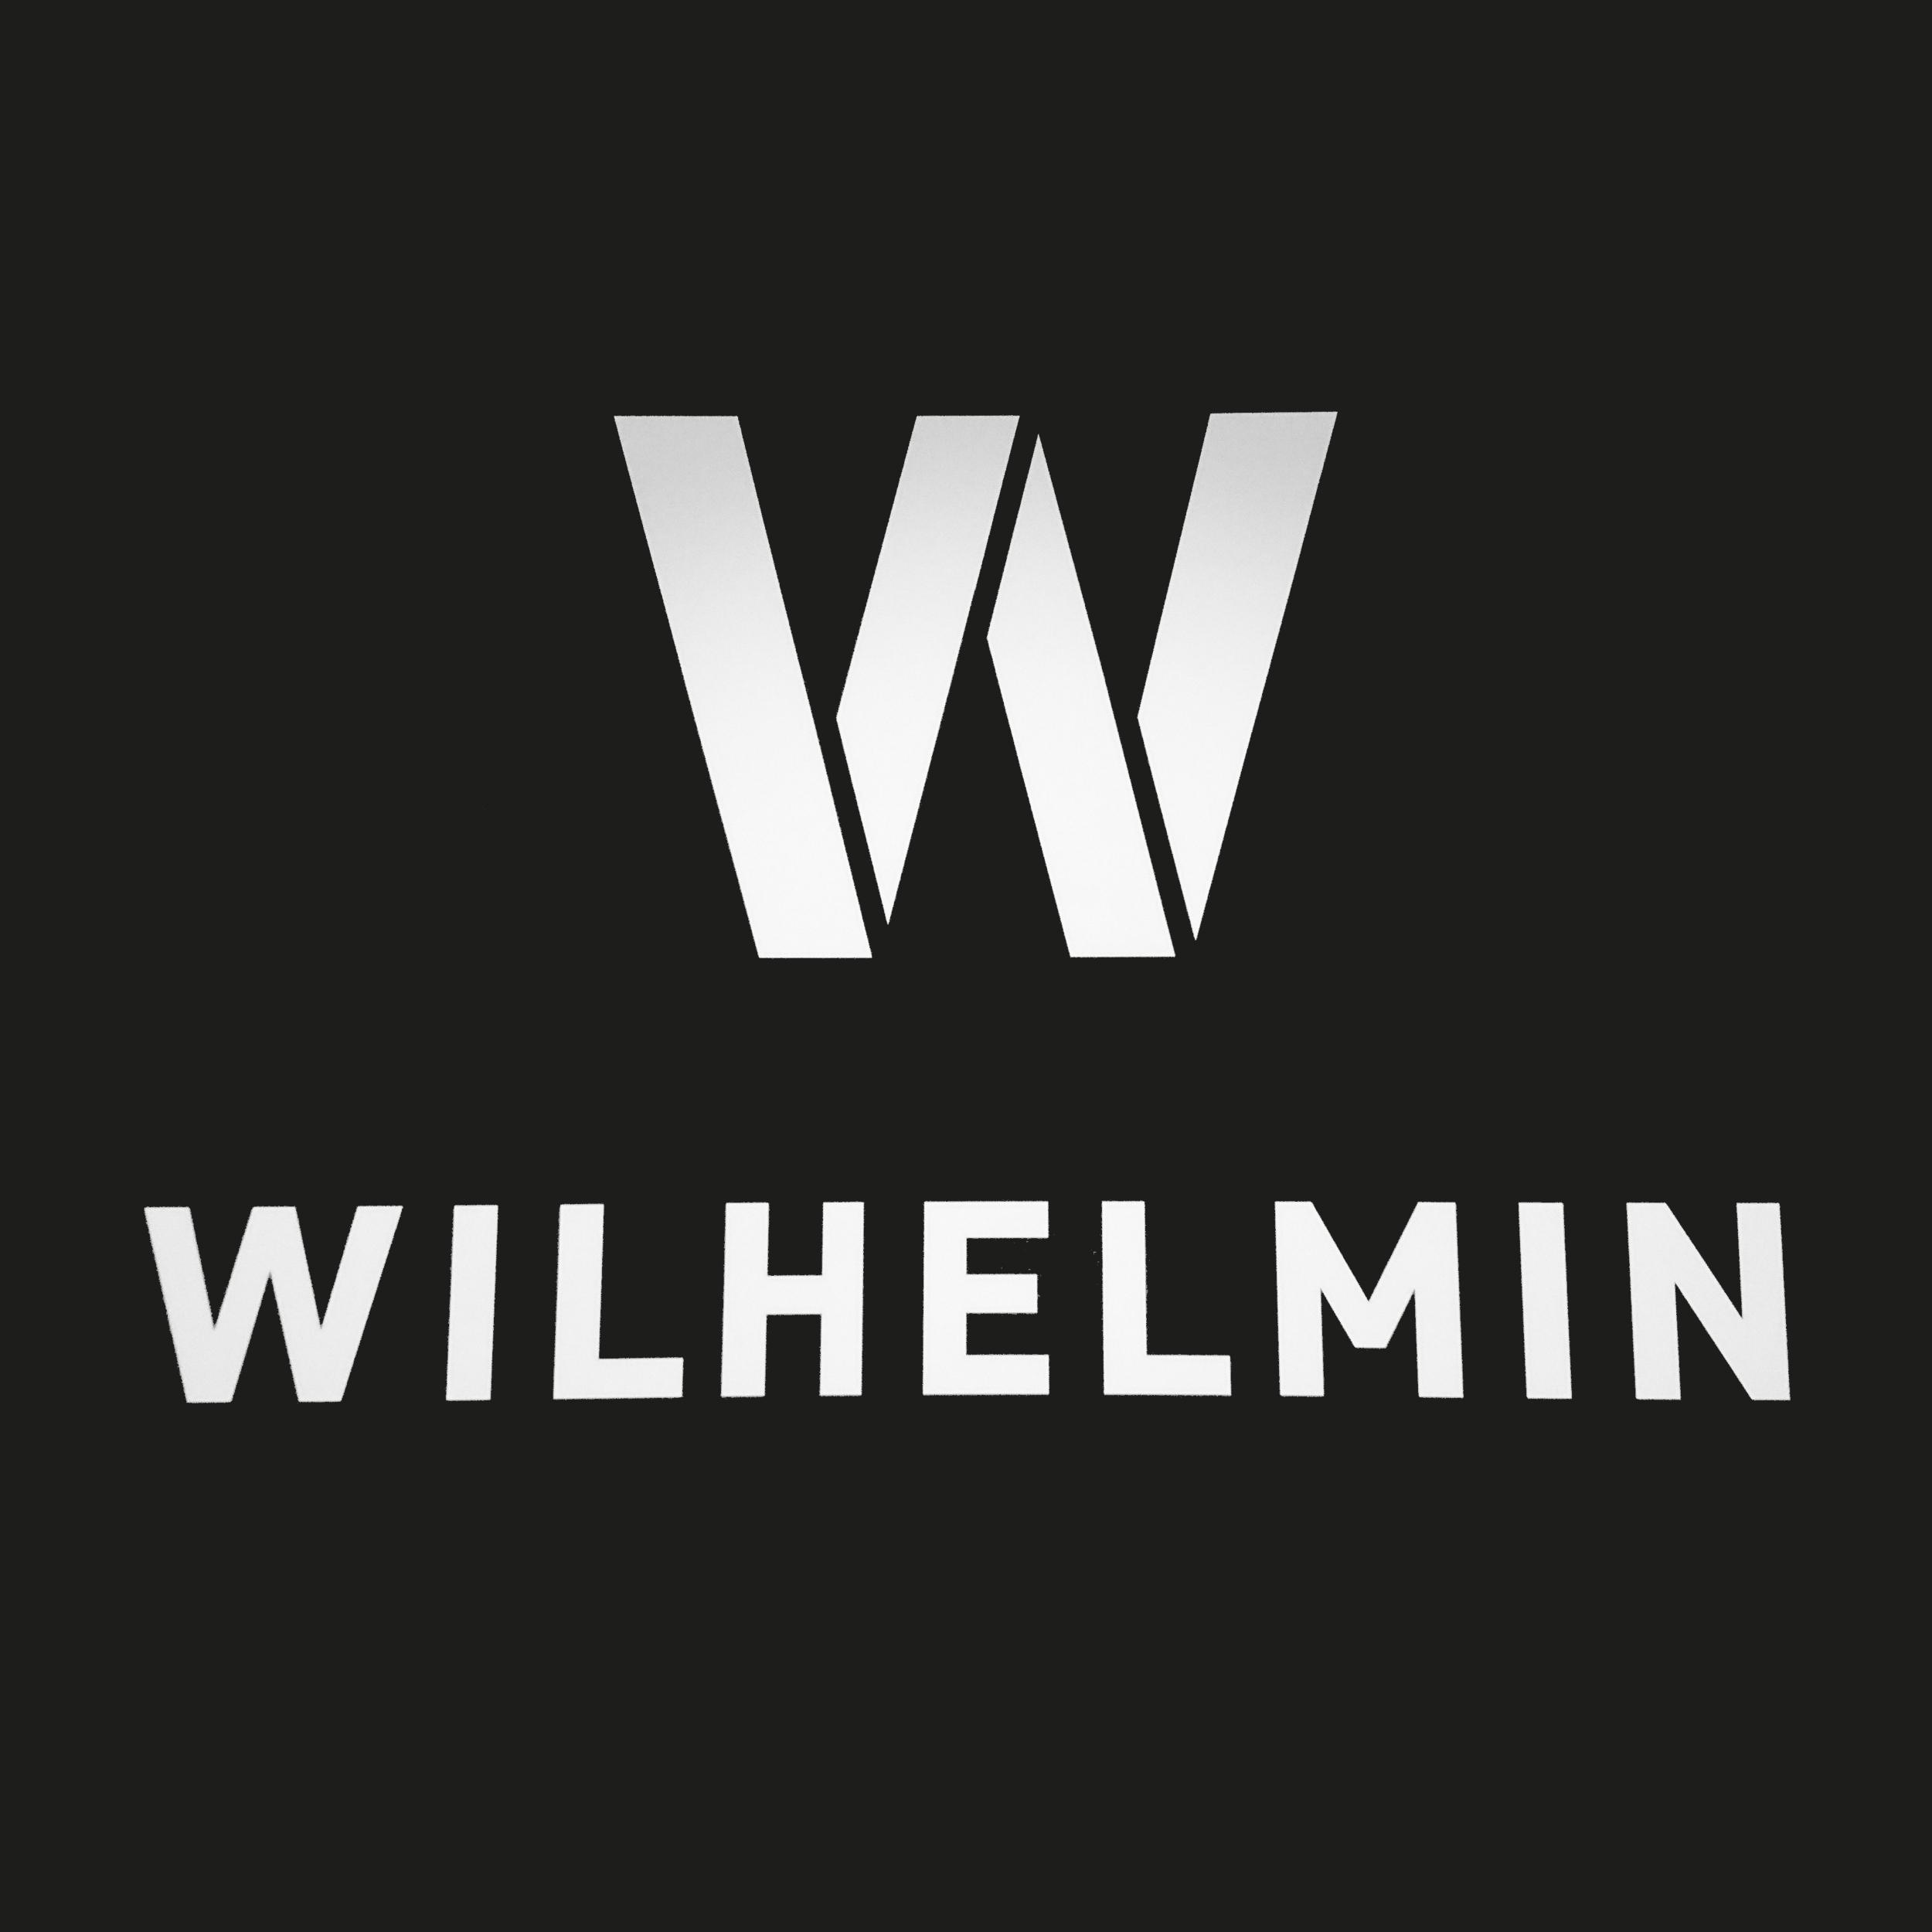 Passage Wilhelmin